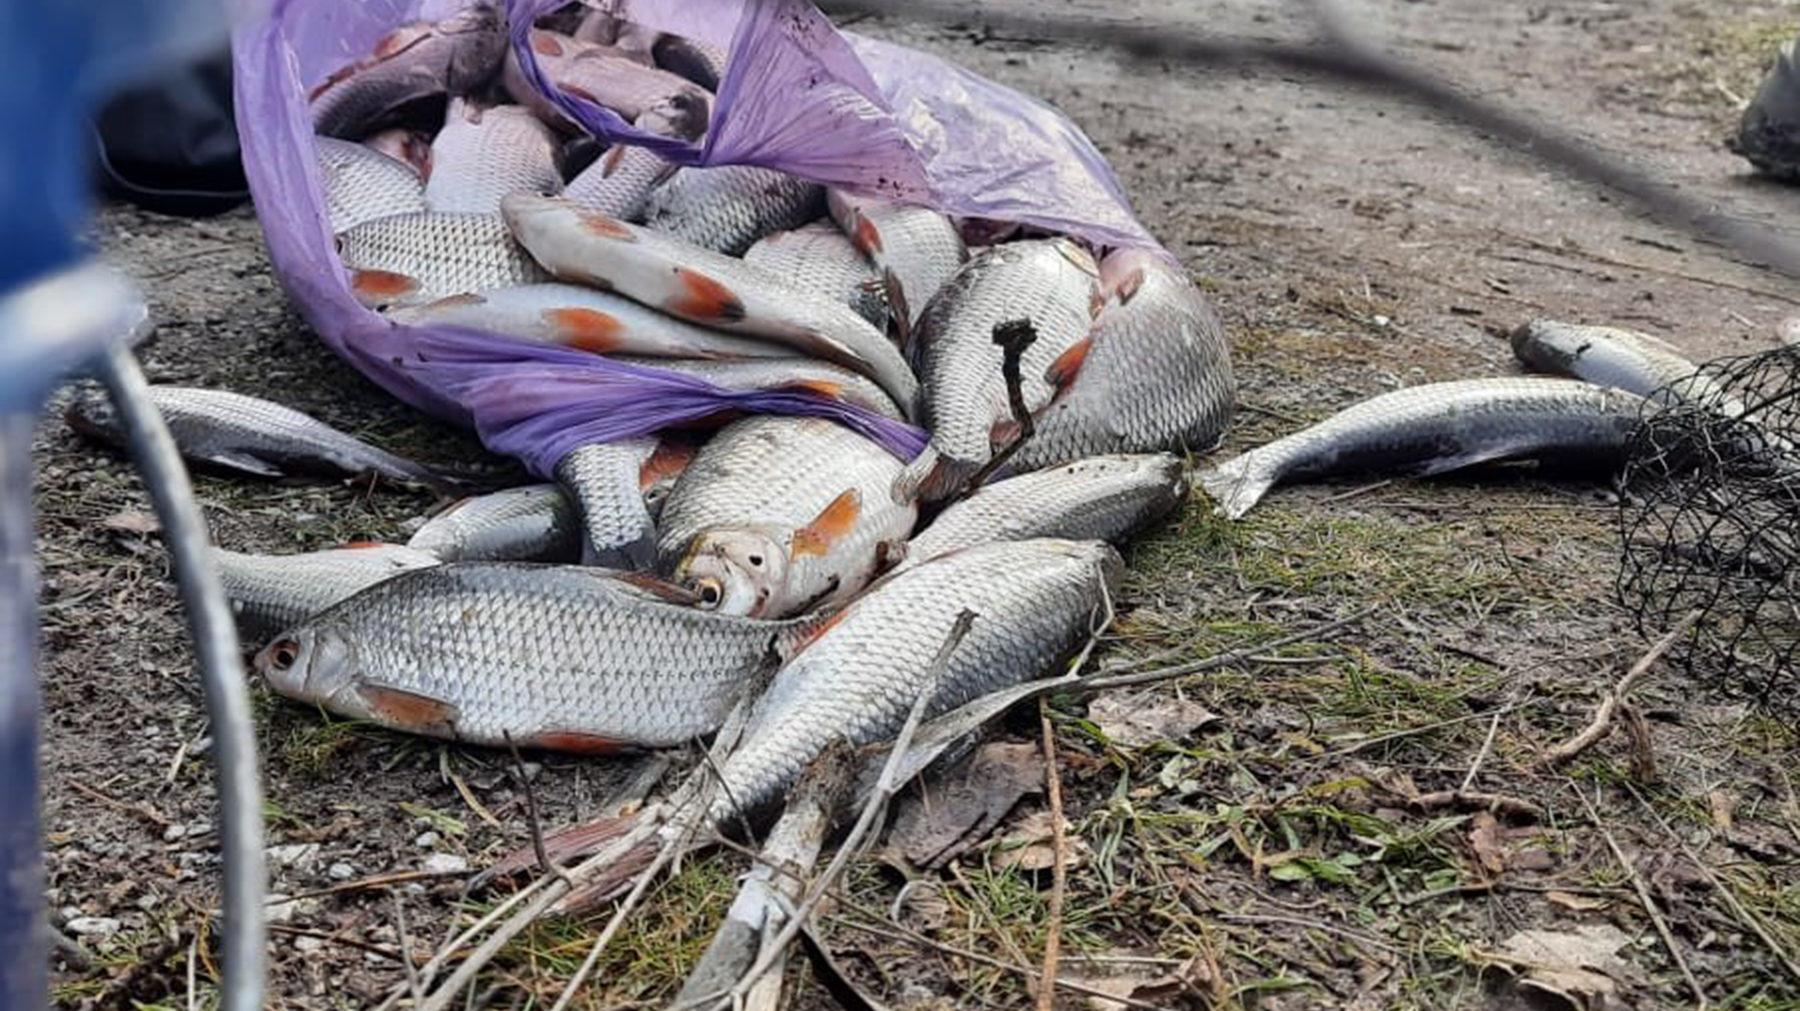 У Запоріжжі працівники водної поліції виявили браконьєрів та чоловіка з наркотиками, – ФОТО